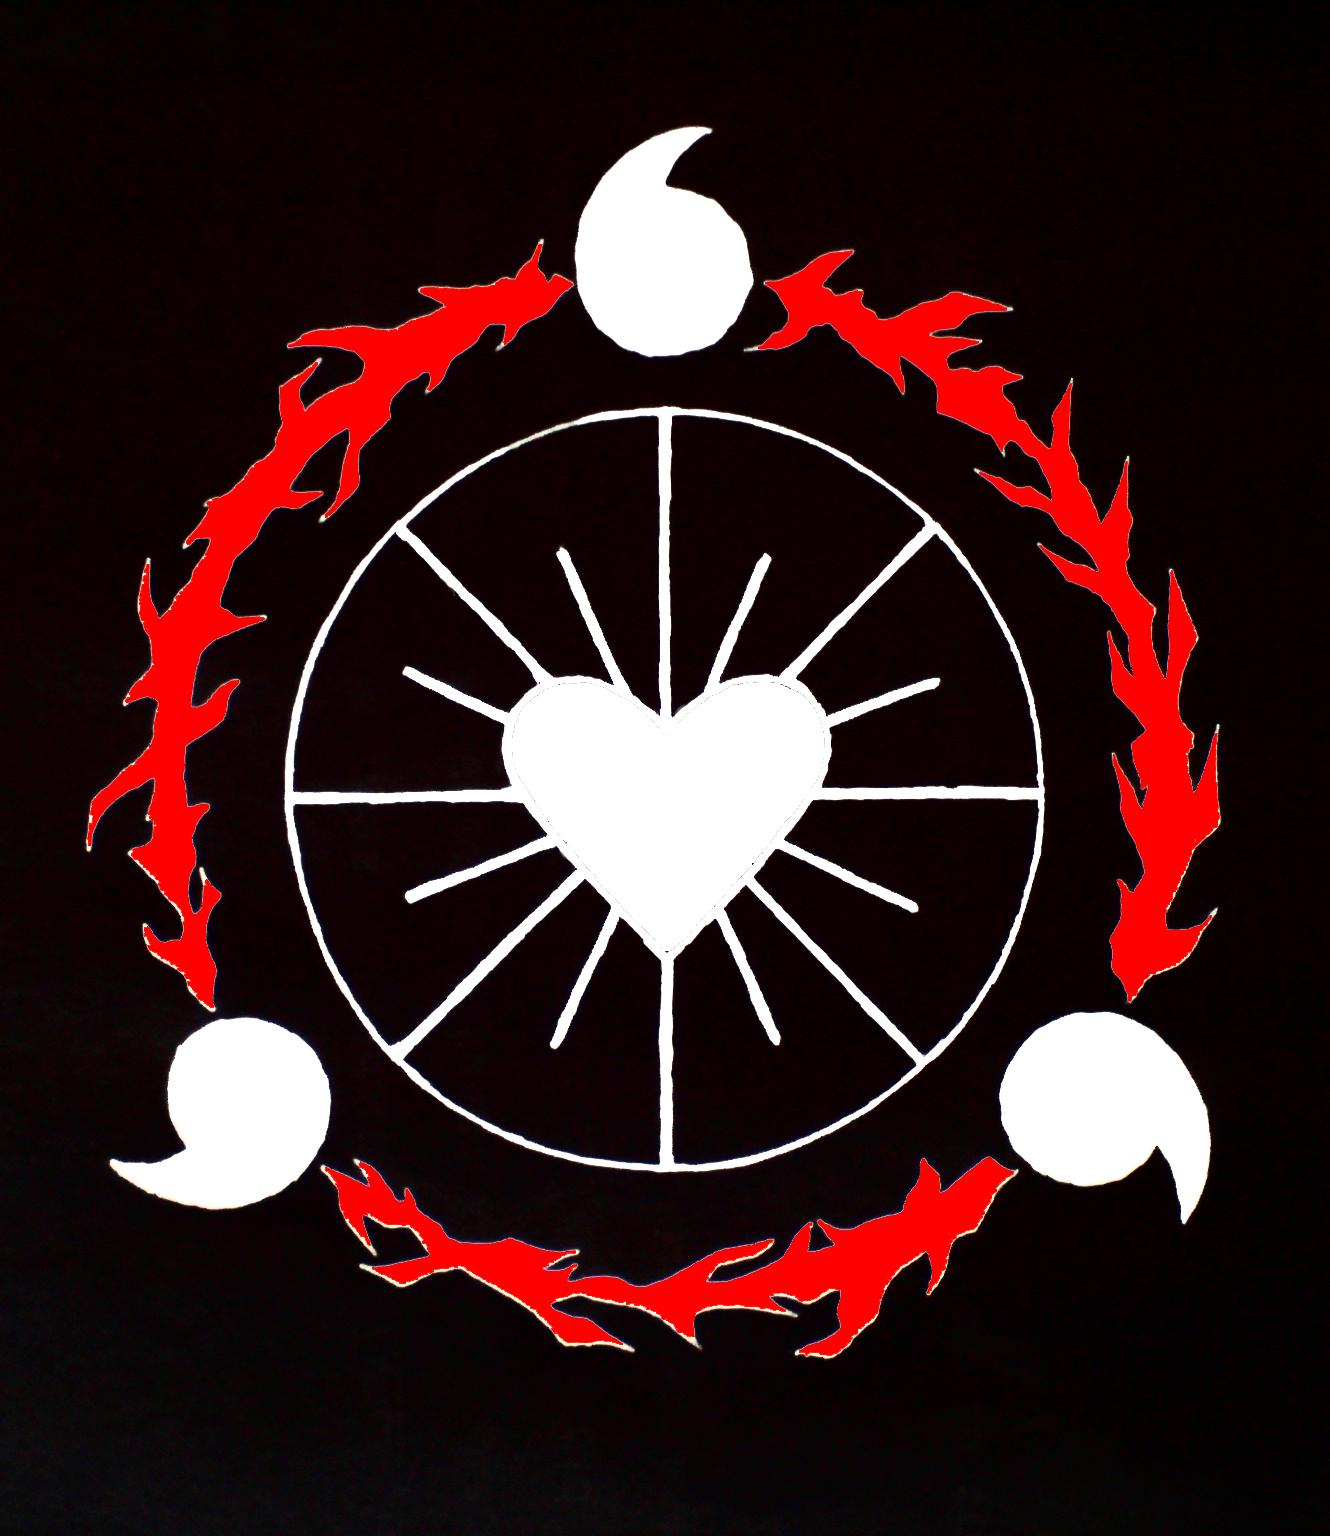 100 Gambar Keren Logo Psht Gratis